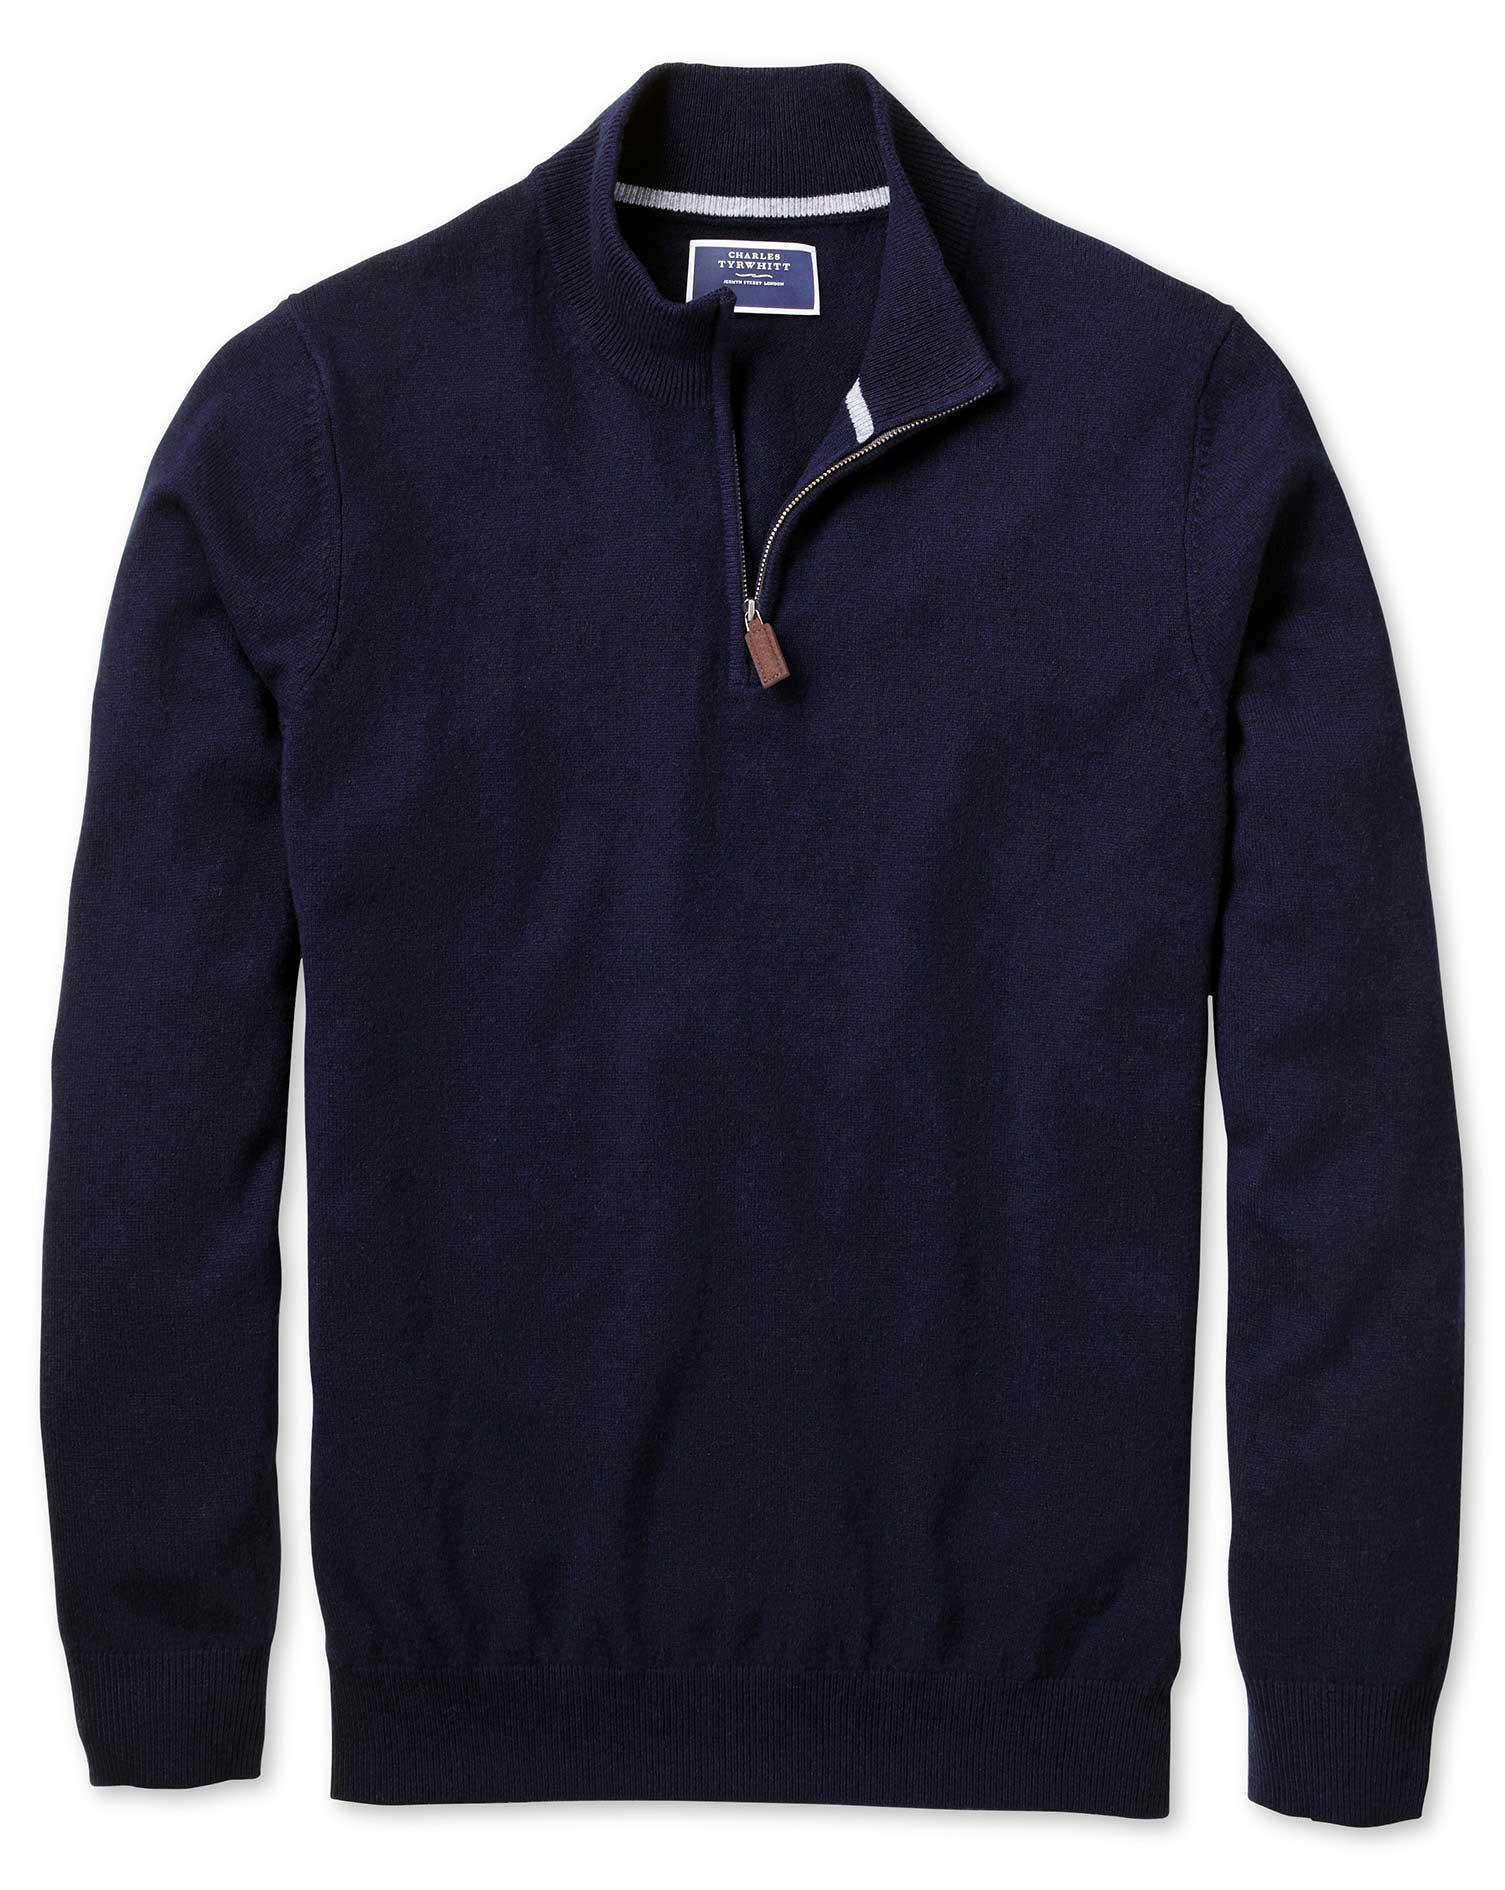 Navy Zip Neck Cashmere Jumper Size XXL by Charles Tyrwhitt